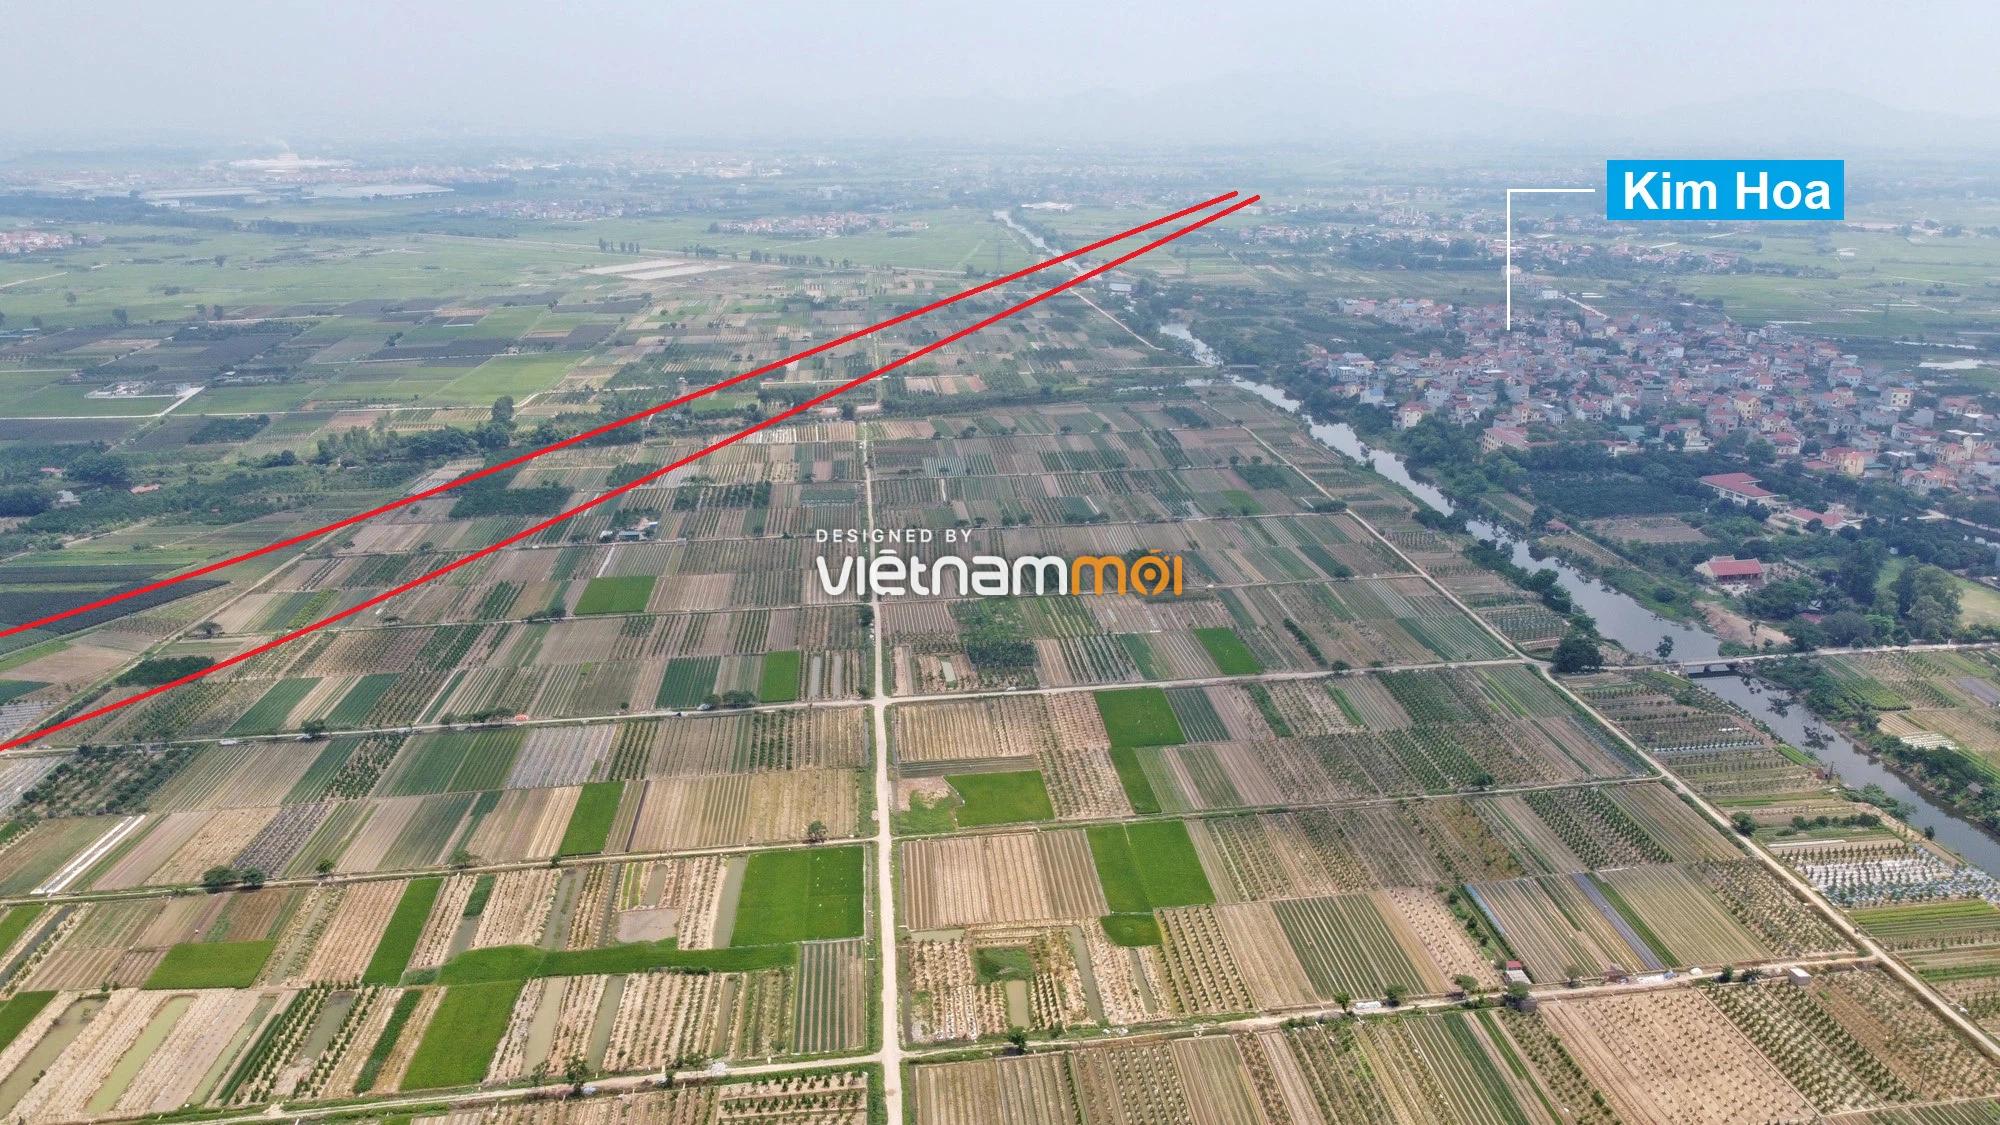 Đường Vành đai 4 sẽ mở theo quy hoạch qua huyện Mê Linh, Hà Nội - Ảnh 9.